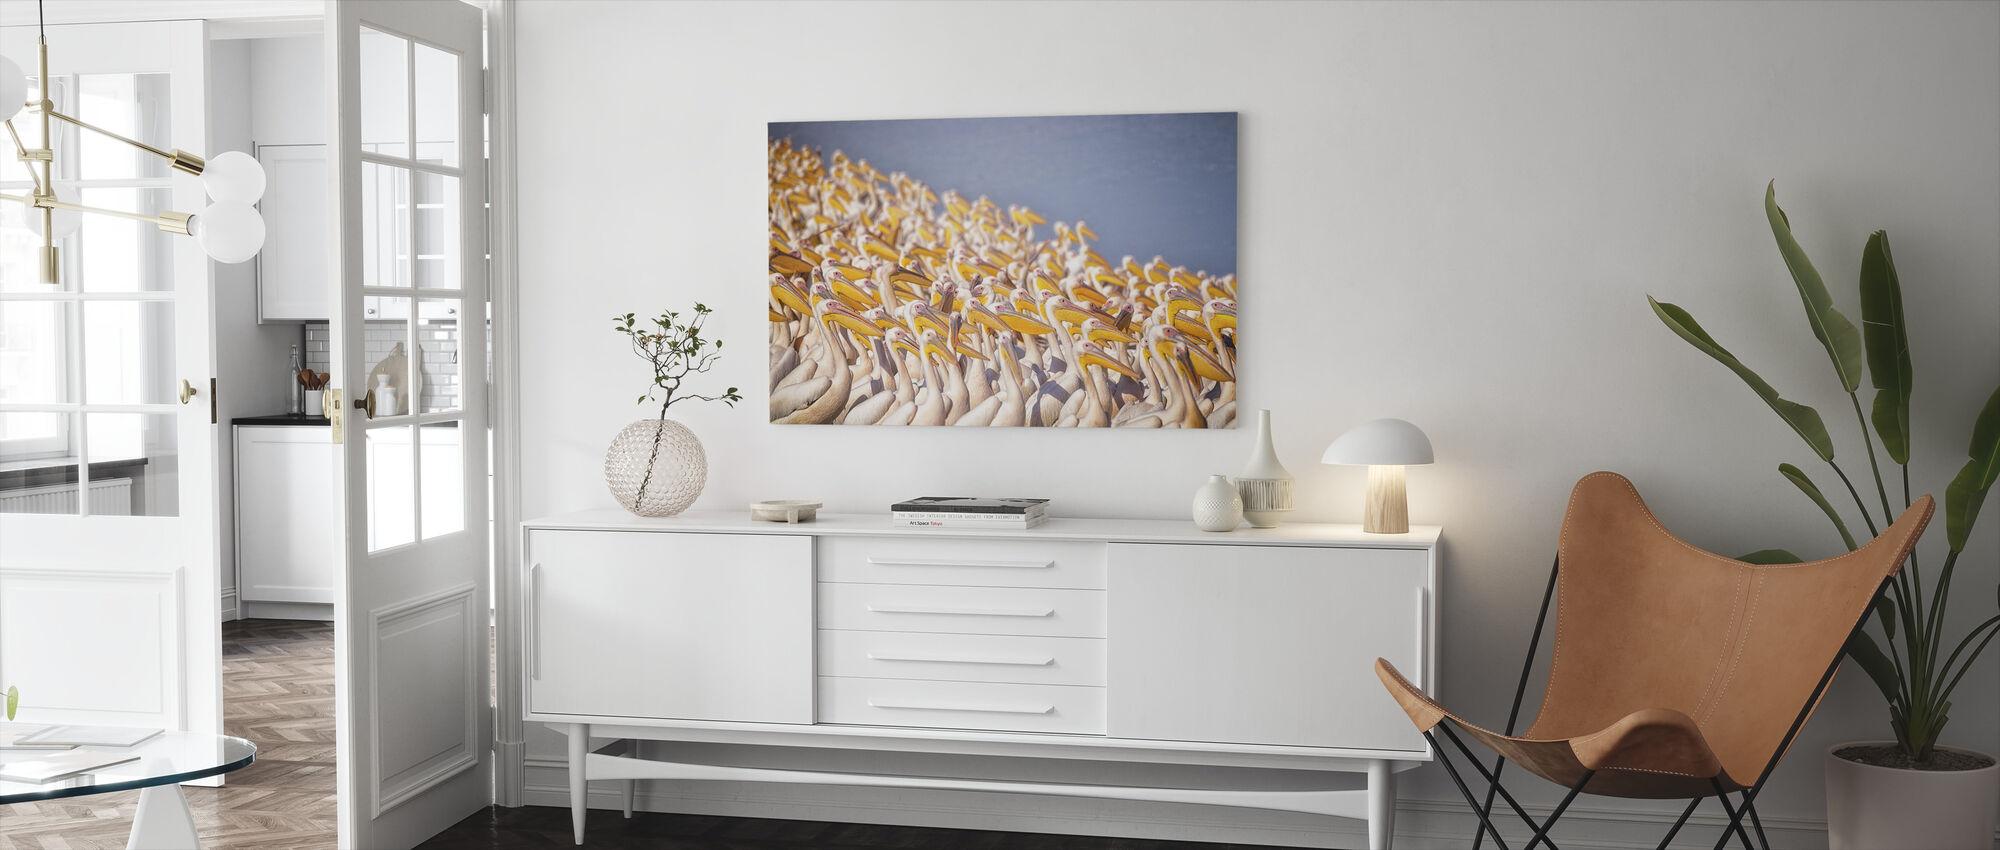 Pelicans - Canvas print - Living Room